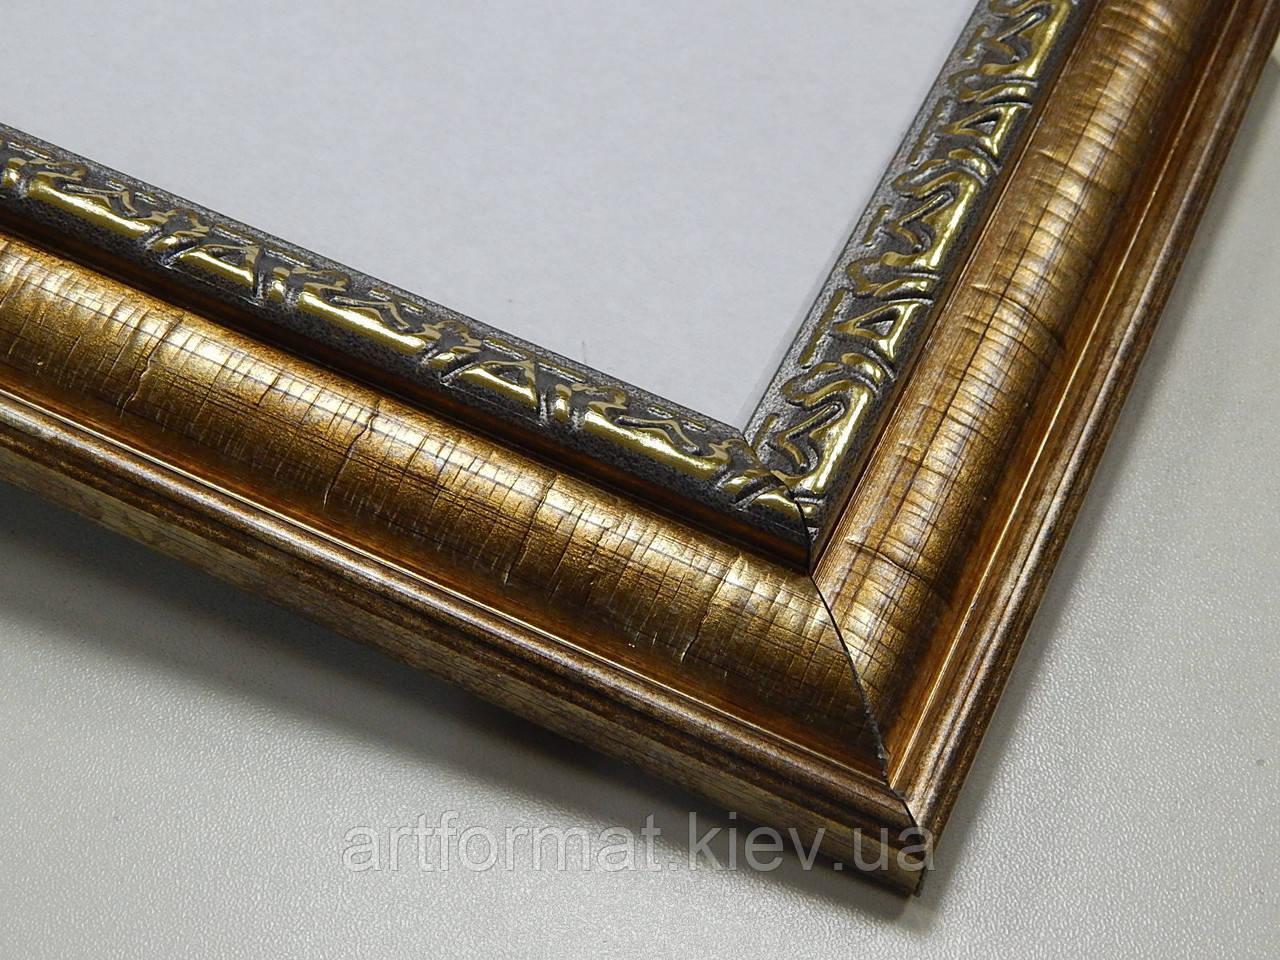 Рамка А3 (297х420)Антибликовое истеклоРамка пластиковая 40 мм.Для картин ,фото,вышивок.